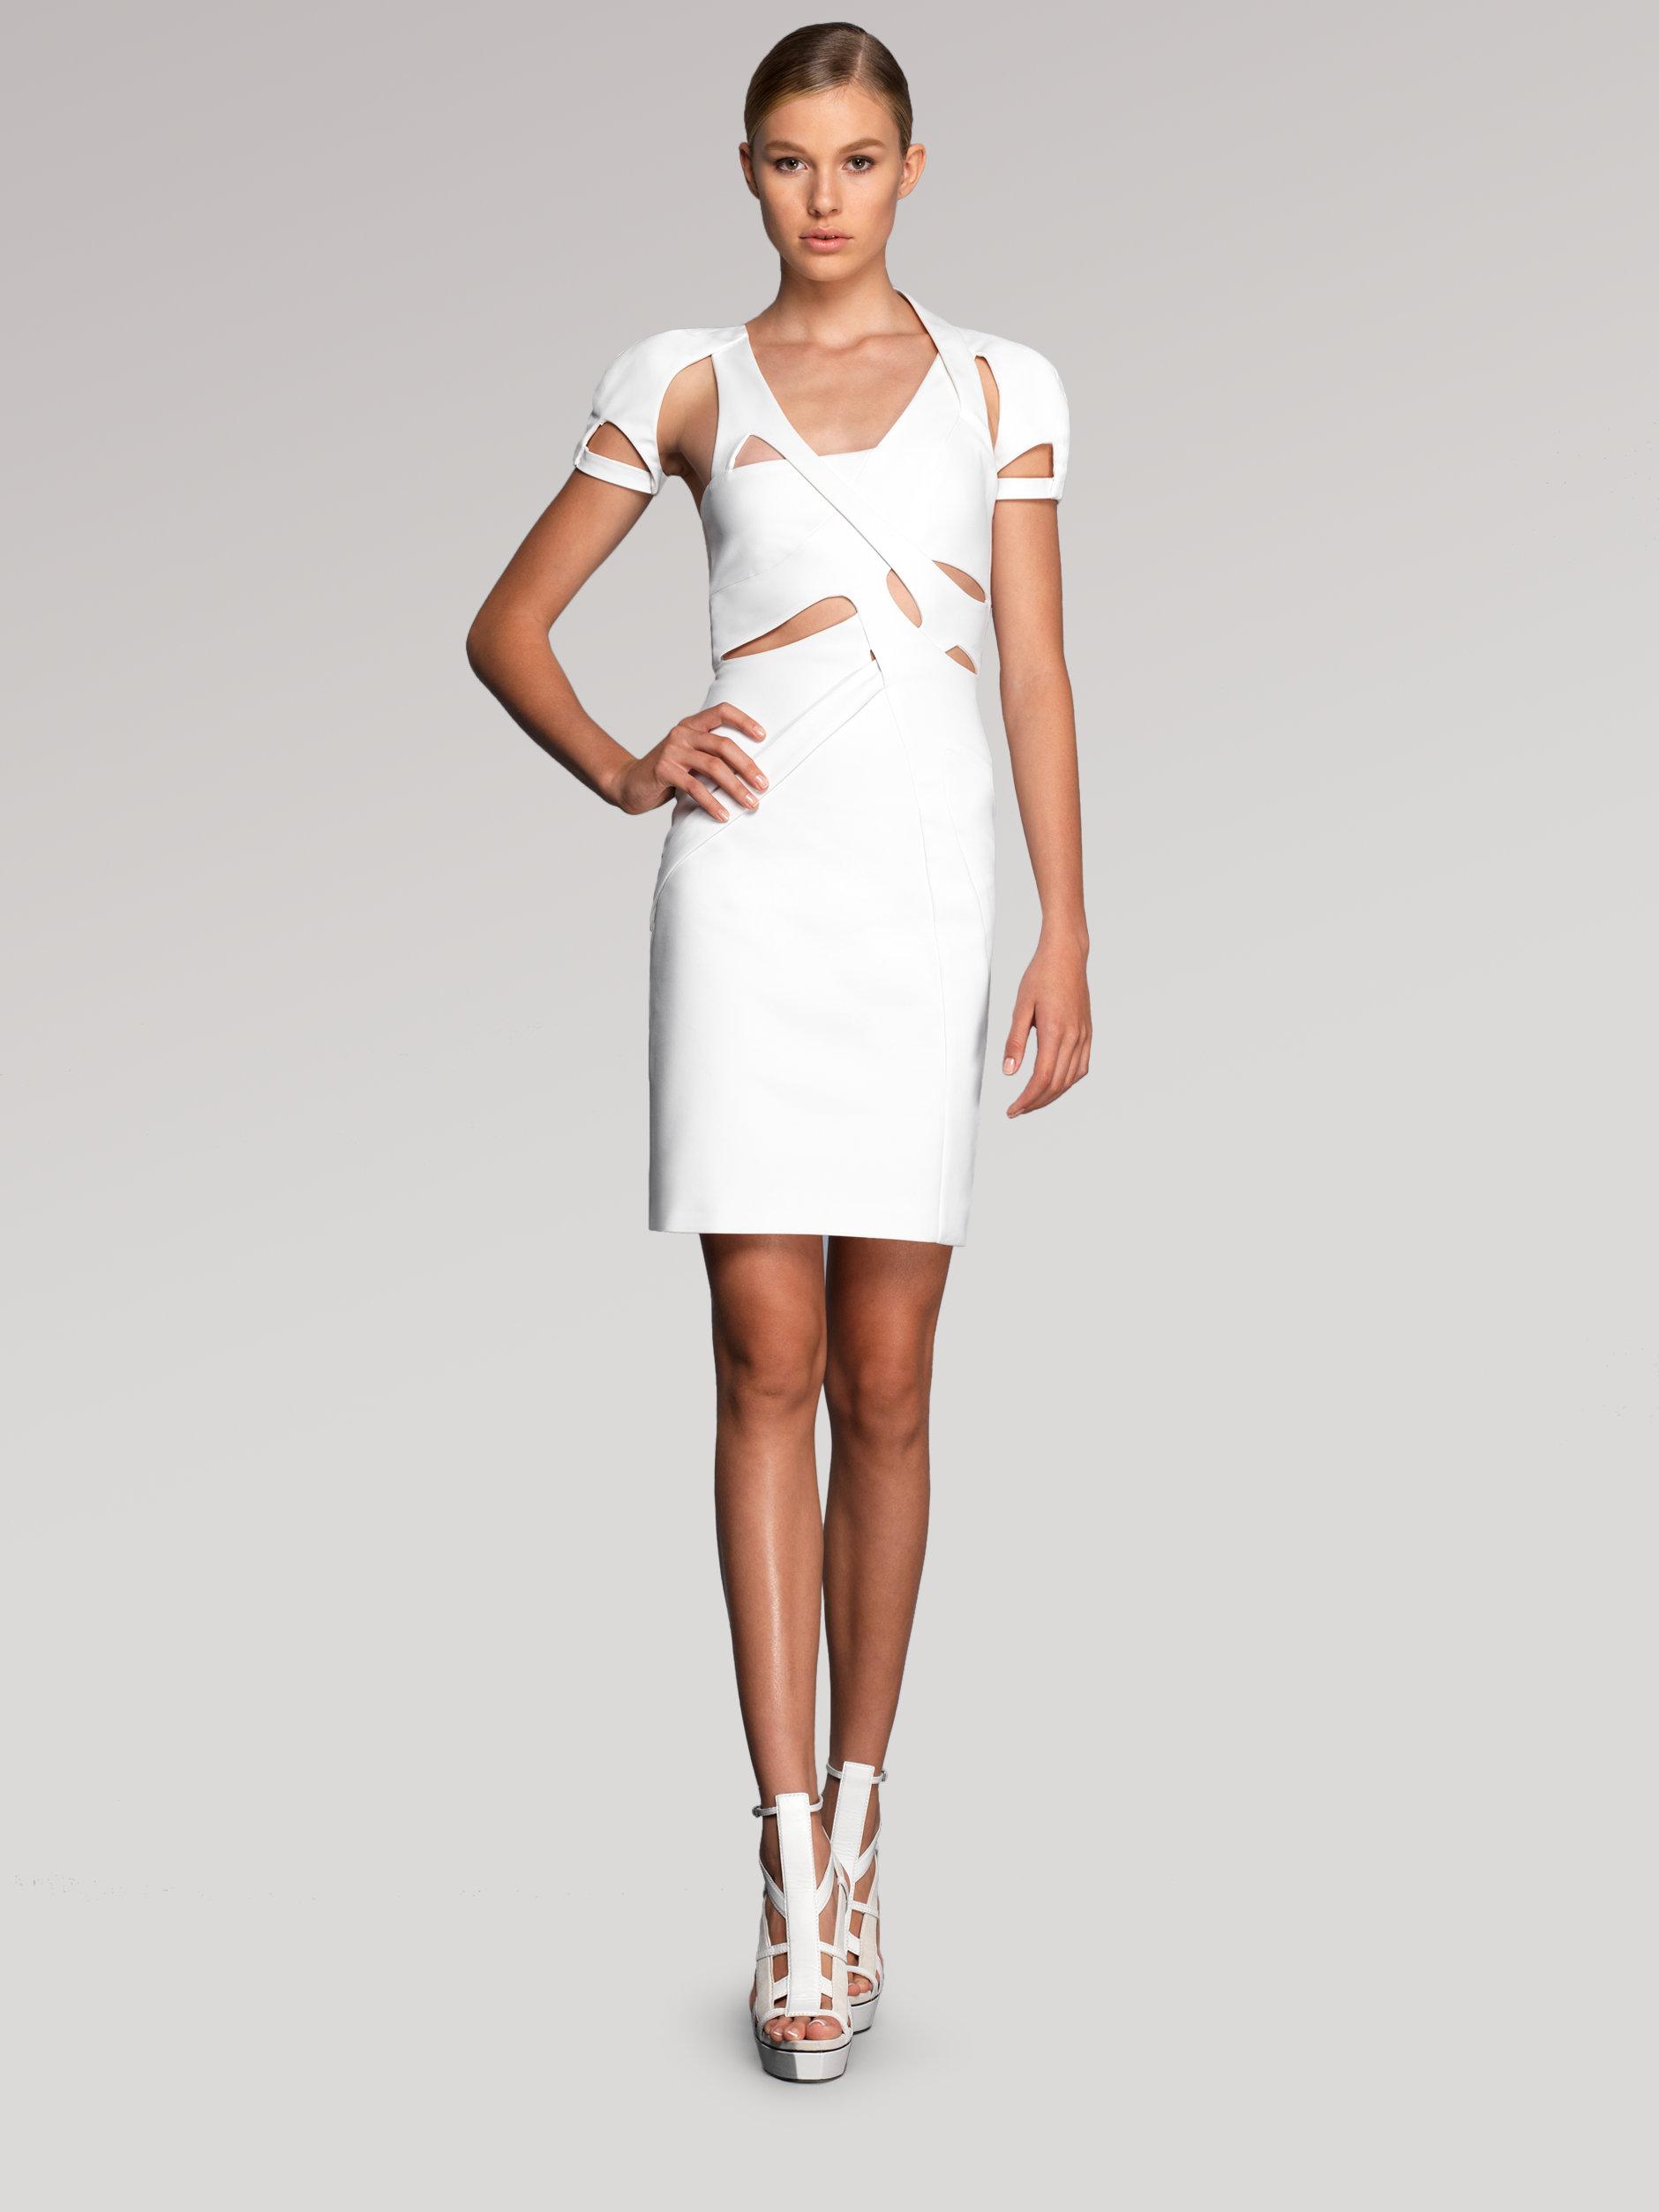 81127118a5c Gucci Cutout Dress in White - Lyst